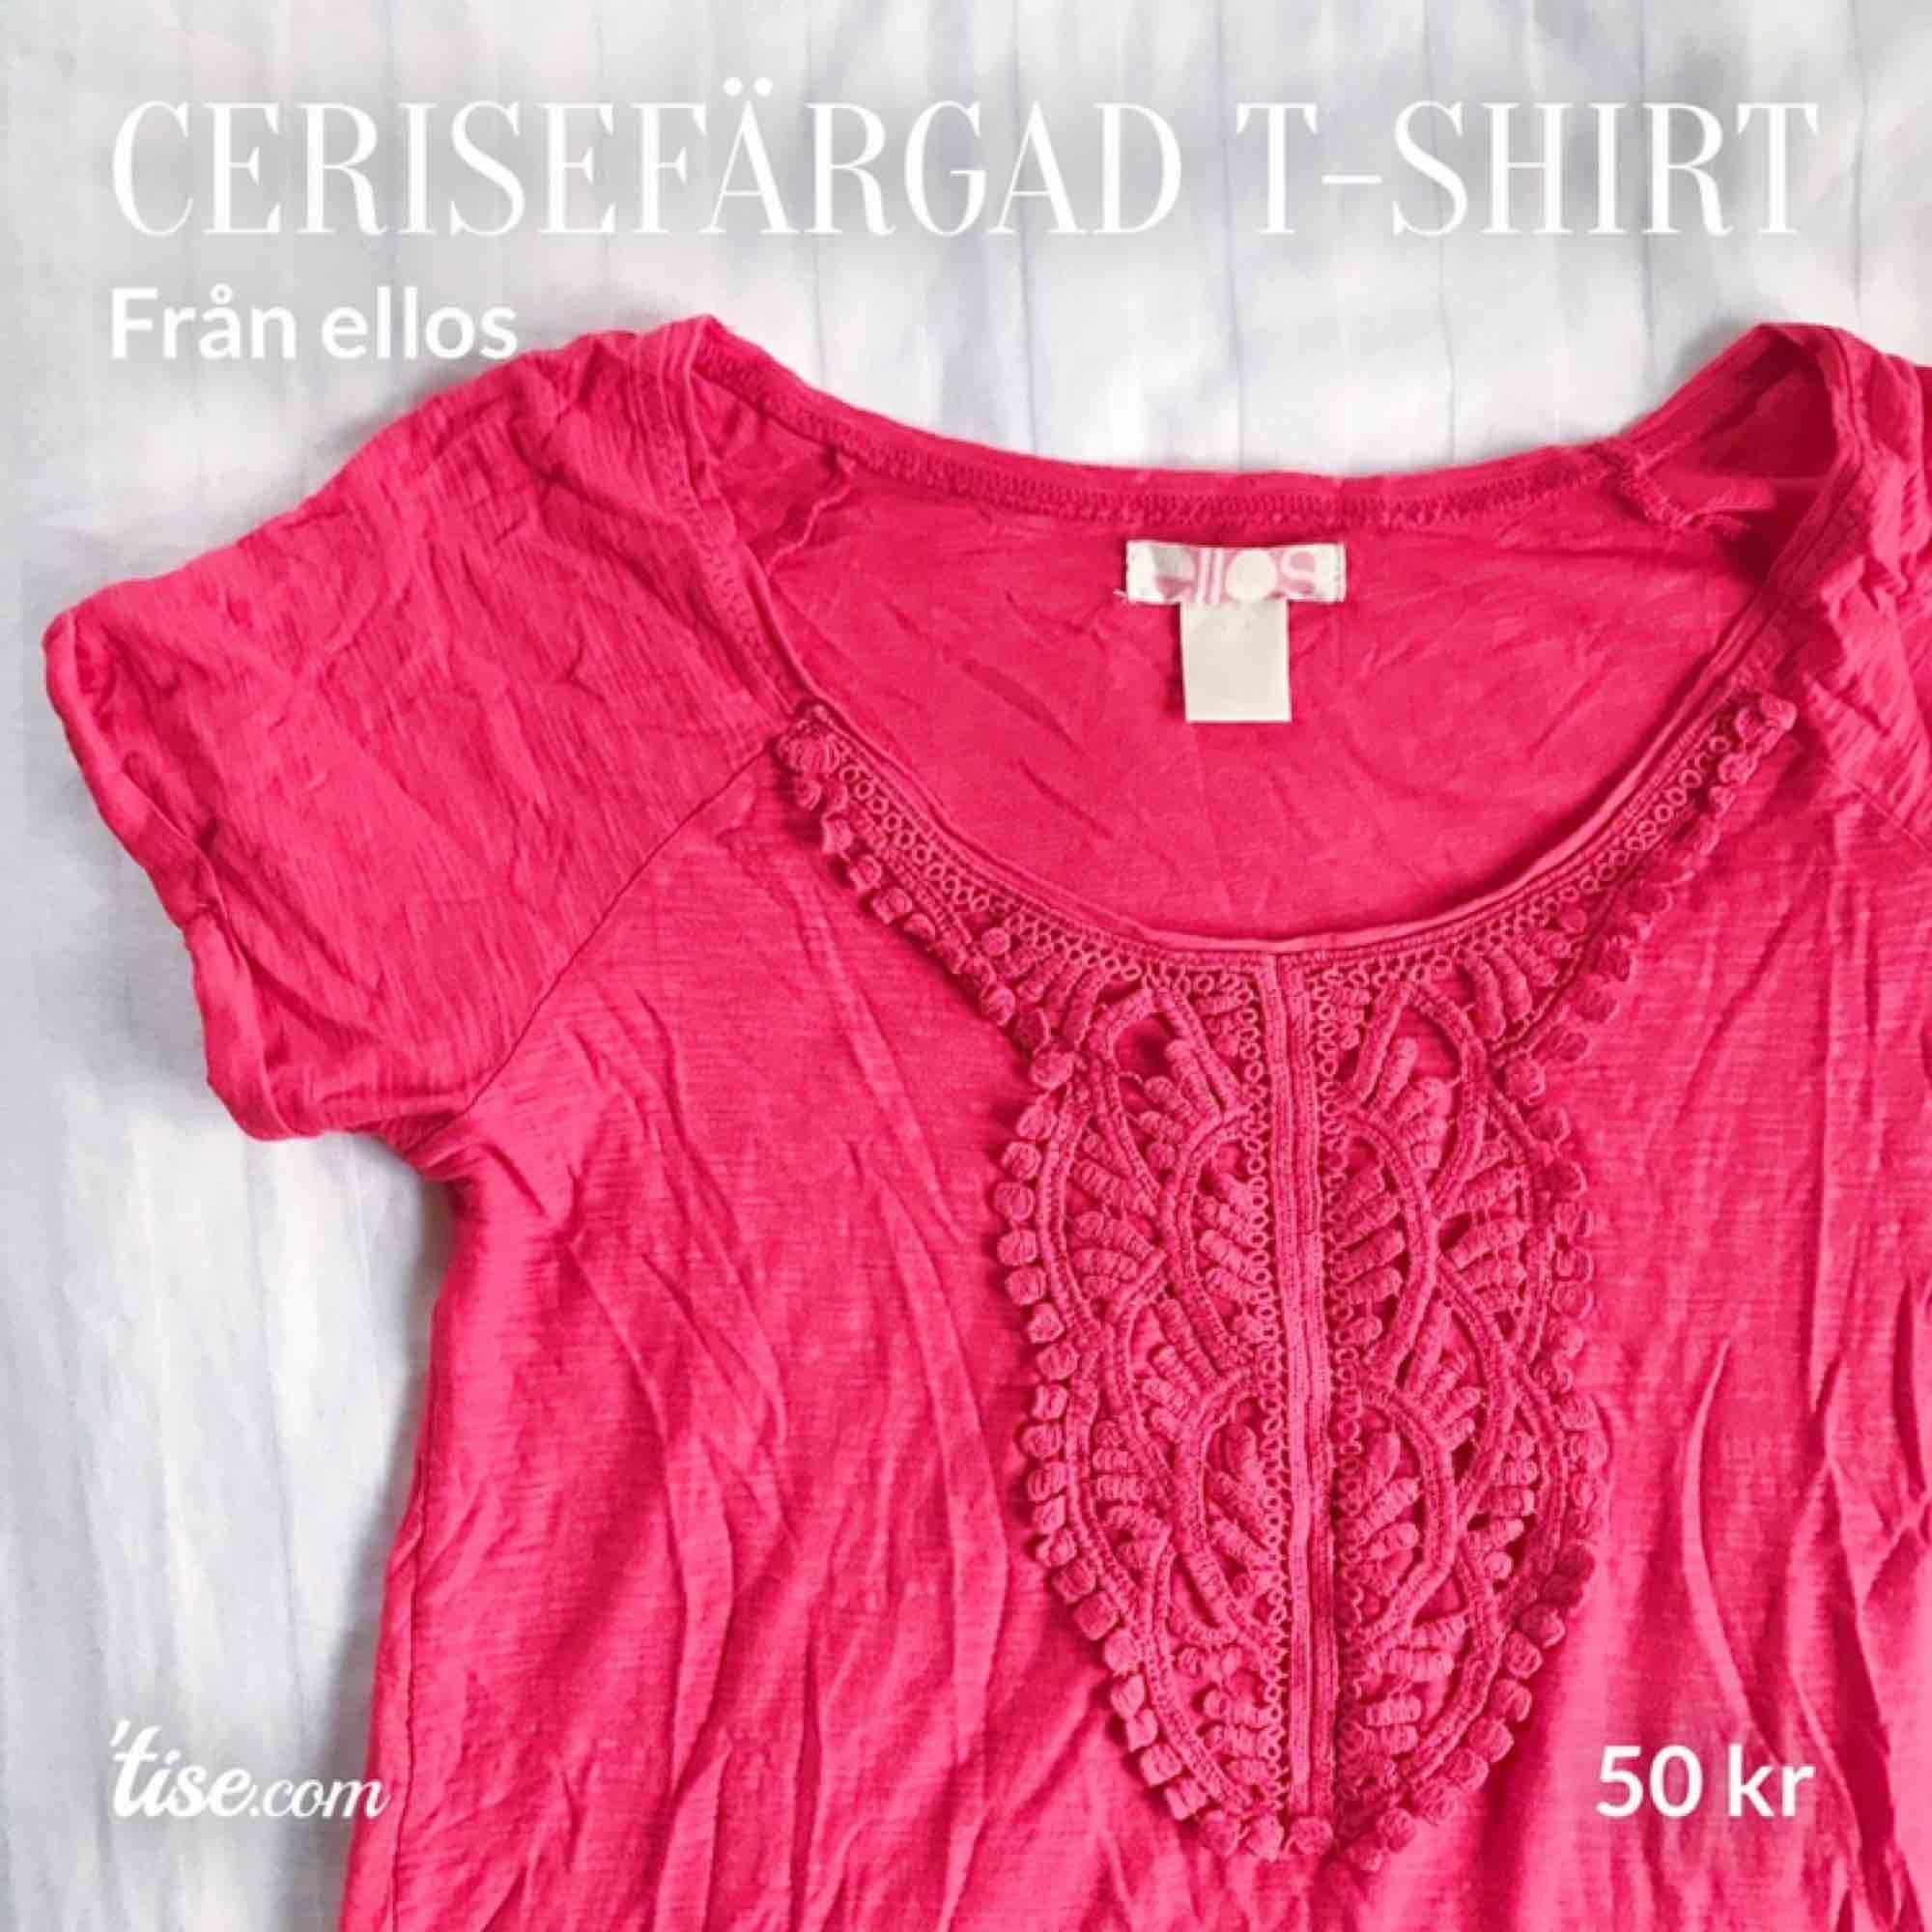 Stark rödrosa, cerisefärgad t-shirt från ellos. Nästan aldrig använd. Köpren står för frakt!. T-shirts.